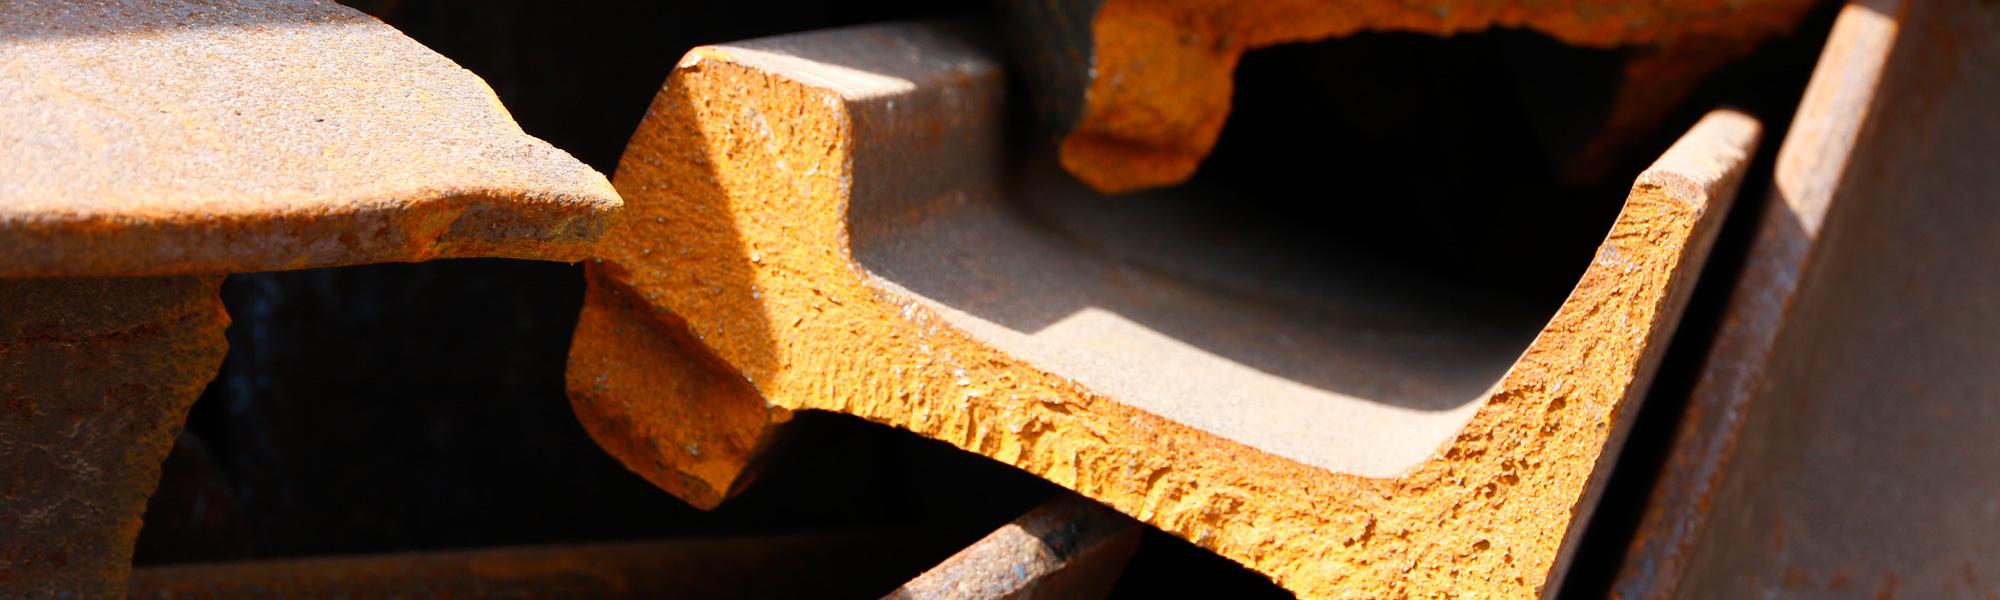 Götz GmbH Schrott und Metalle Stein